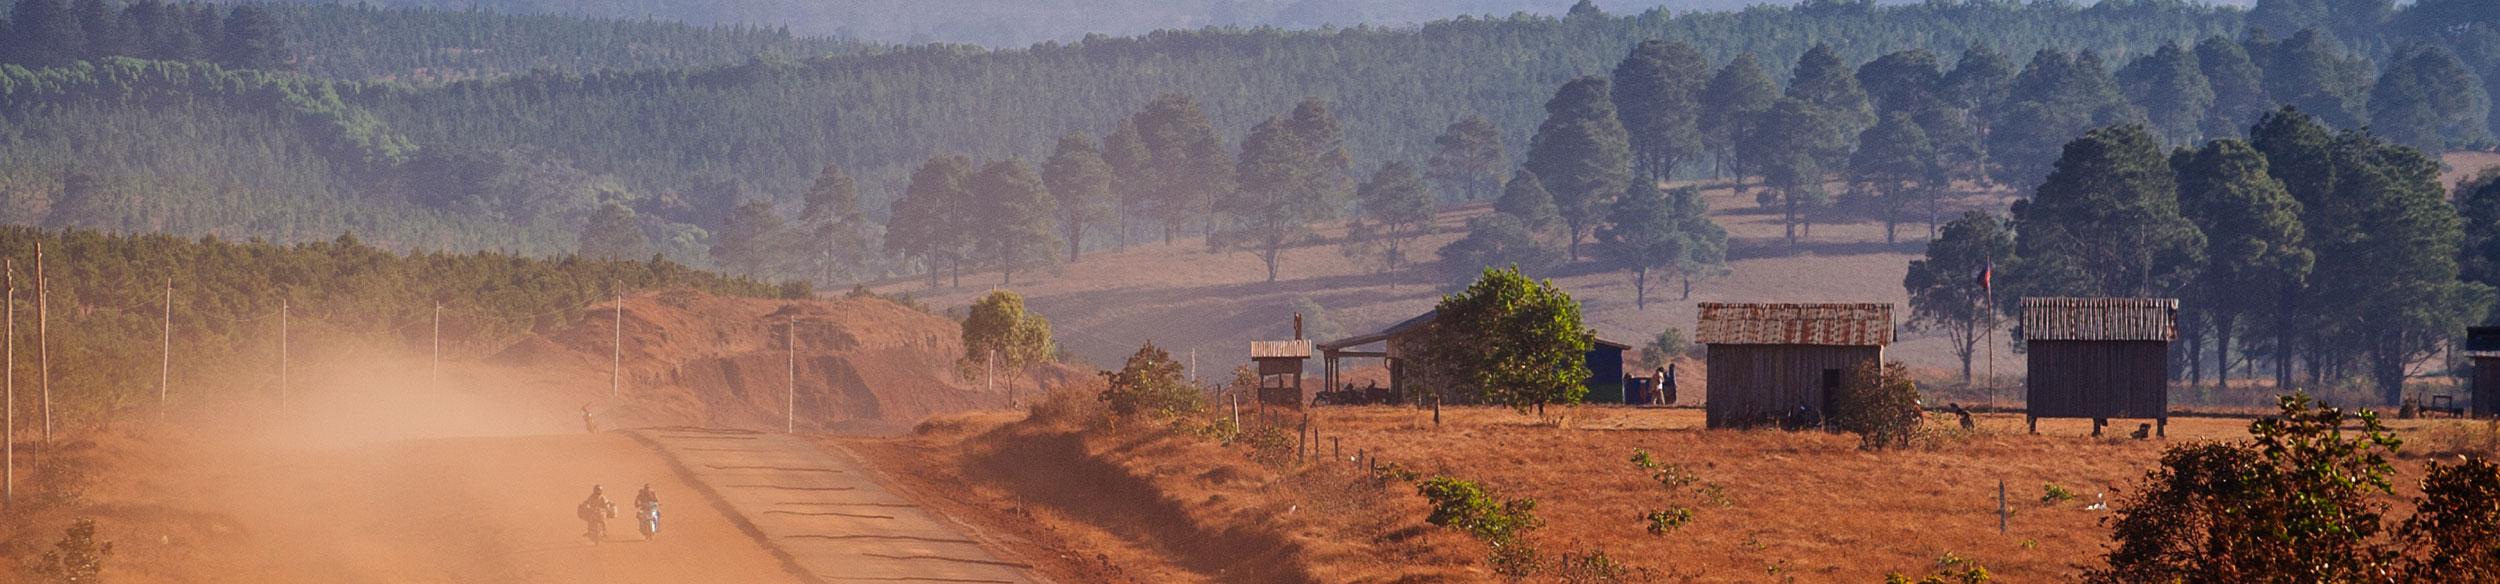 Découvrir la province de Ratanakiri avec Carnets d'Asie